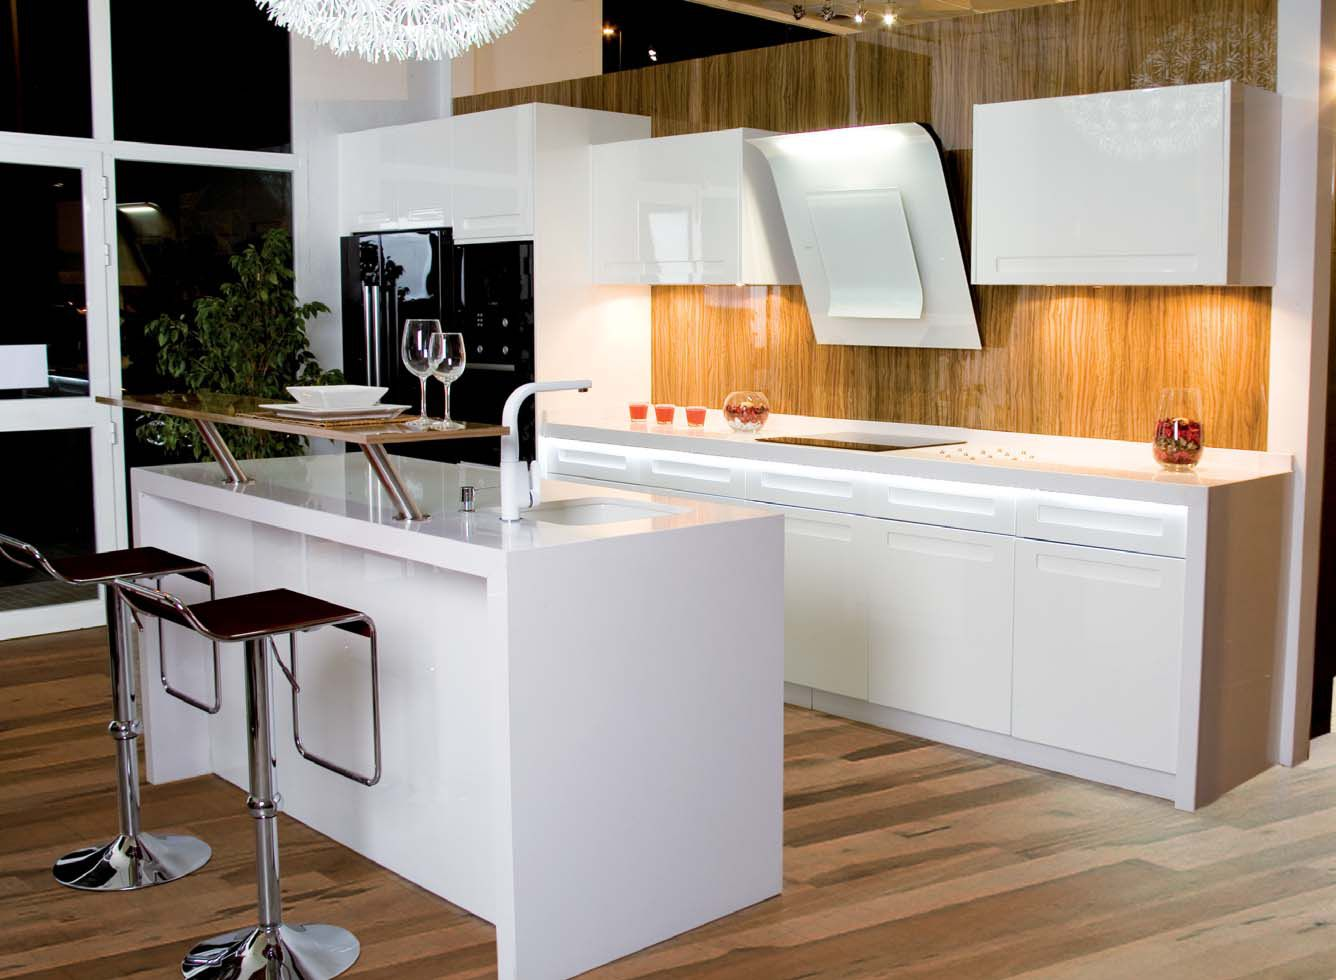 Cocina 84 cocinas capis dise o y fabricaci n de cocinas for Configurador cocinas